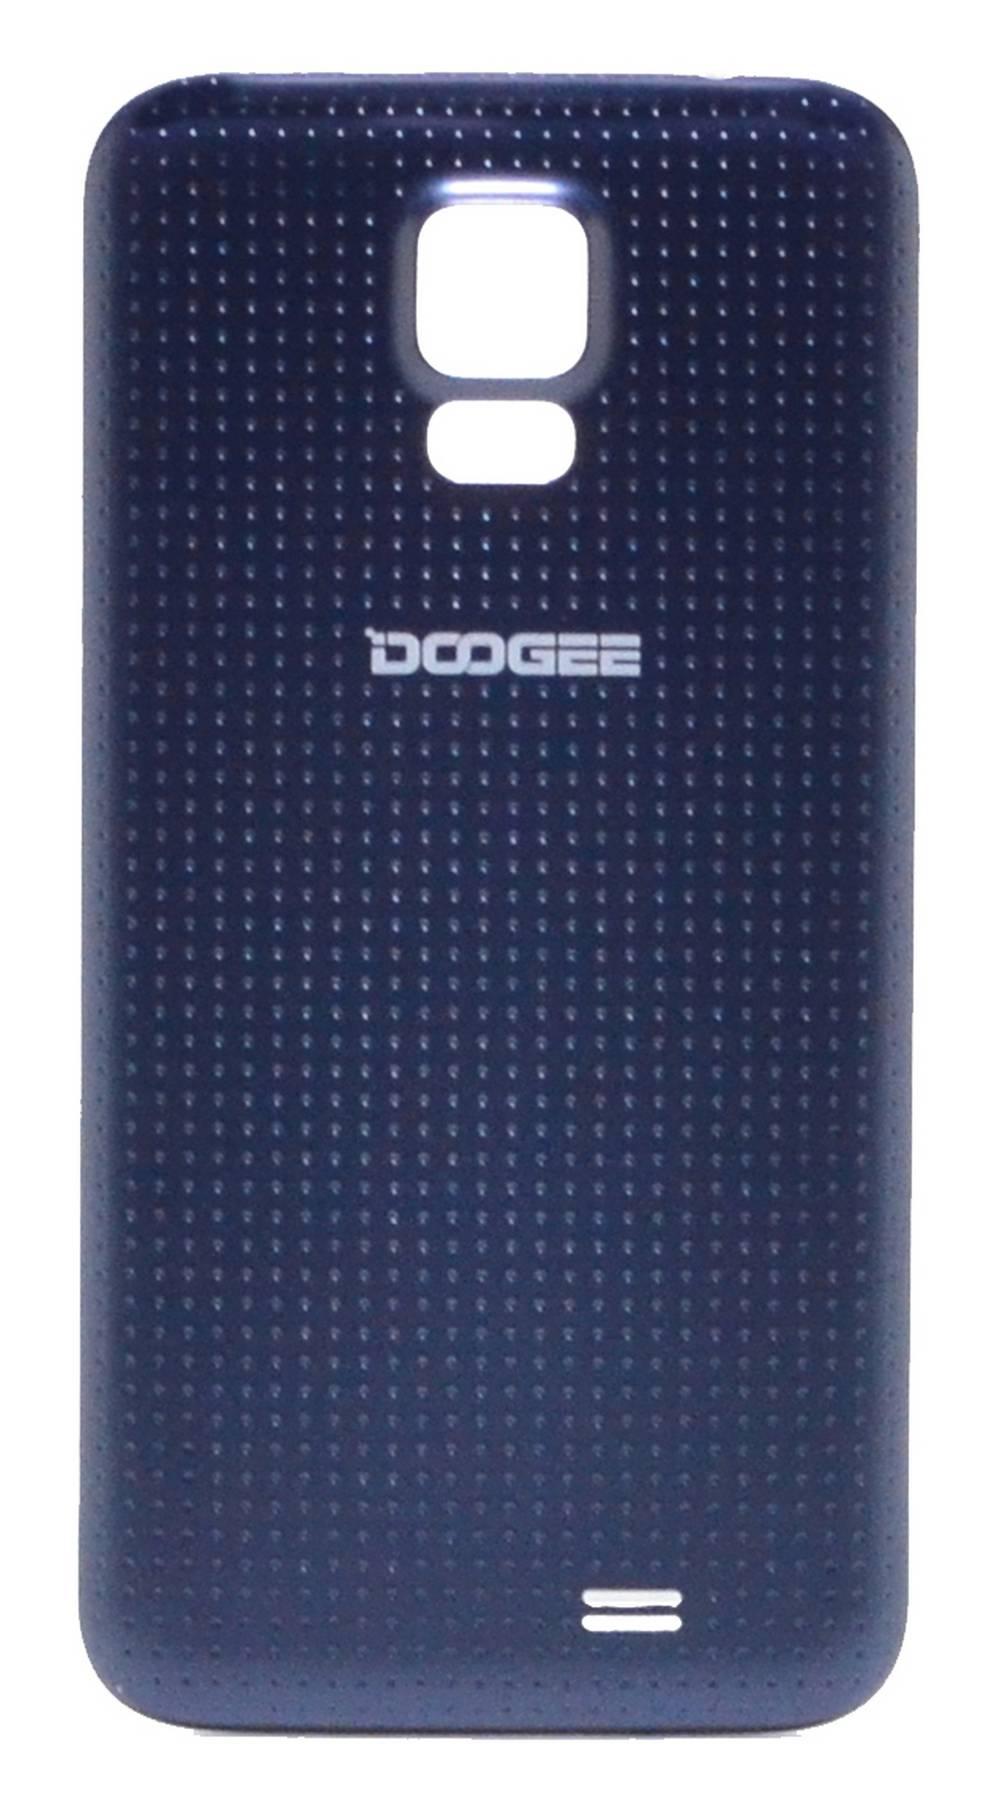 Καπάκι Μπαταρίας Doogee Voyager2 DG310 Μαύρο Original